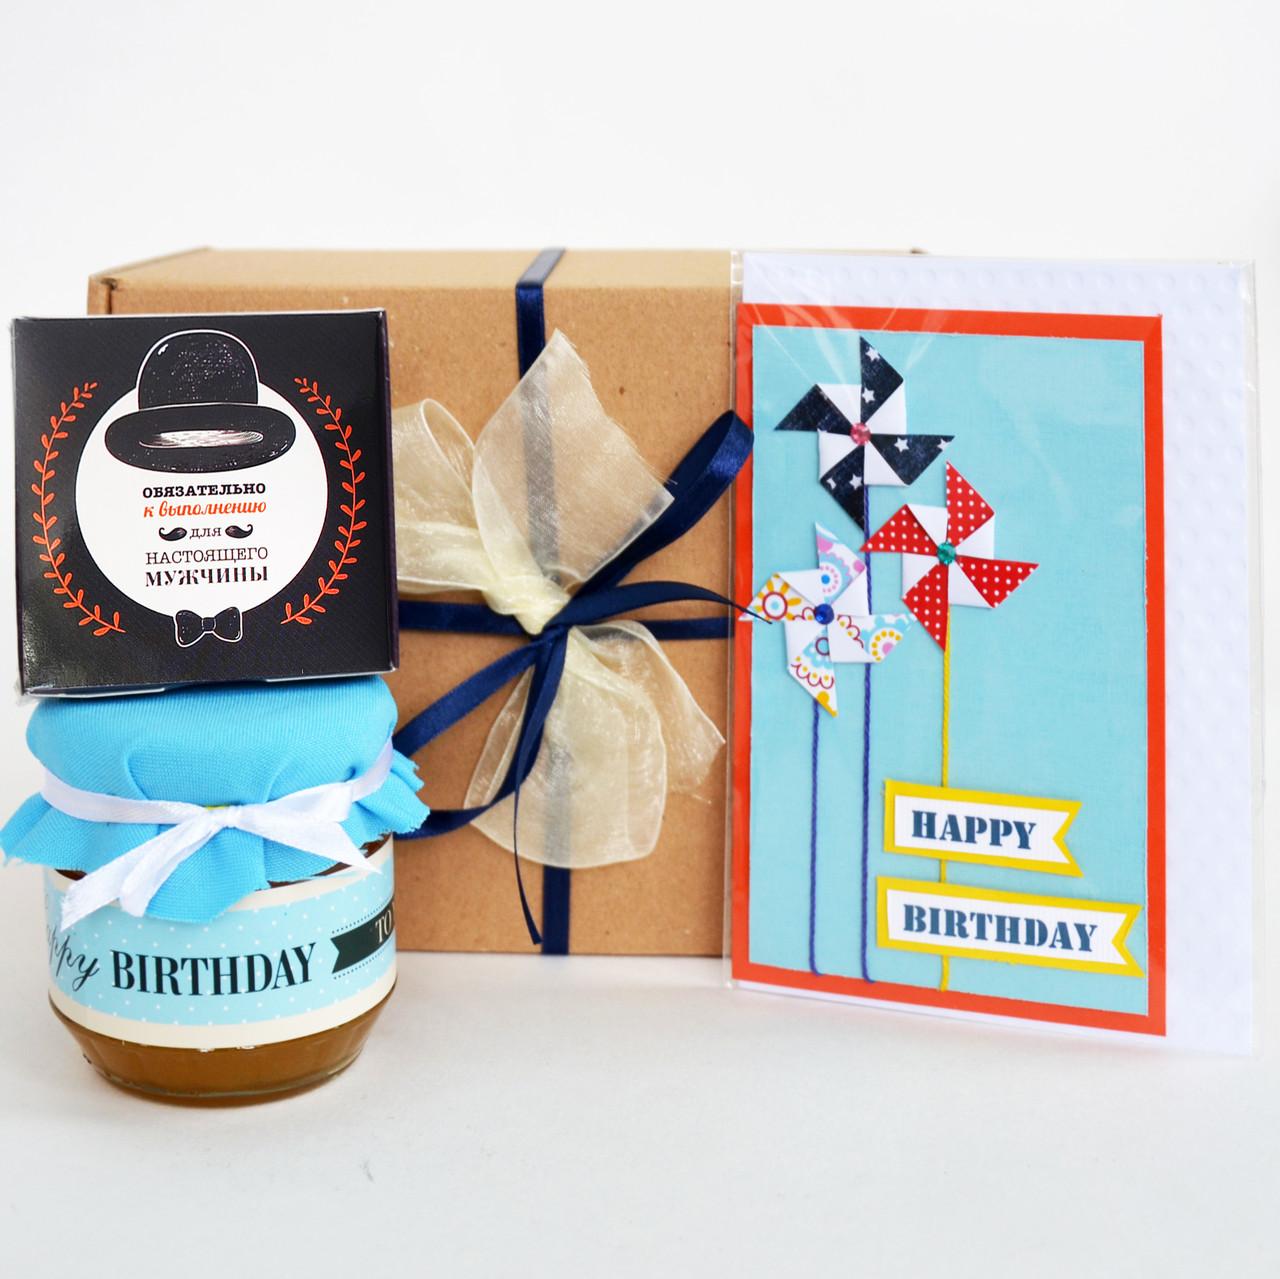 Лучшие идеи подарков мальчику на Новый год 2017 — что вы подарите сыну, внуку или племяннику от 1 до 13 лет